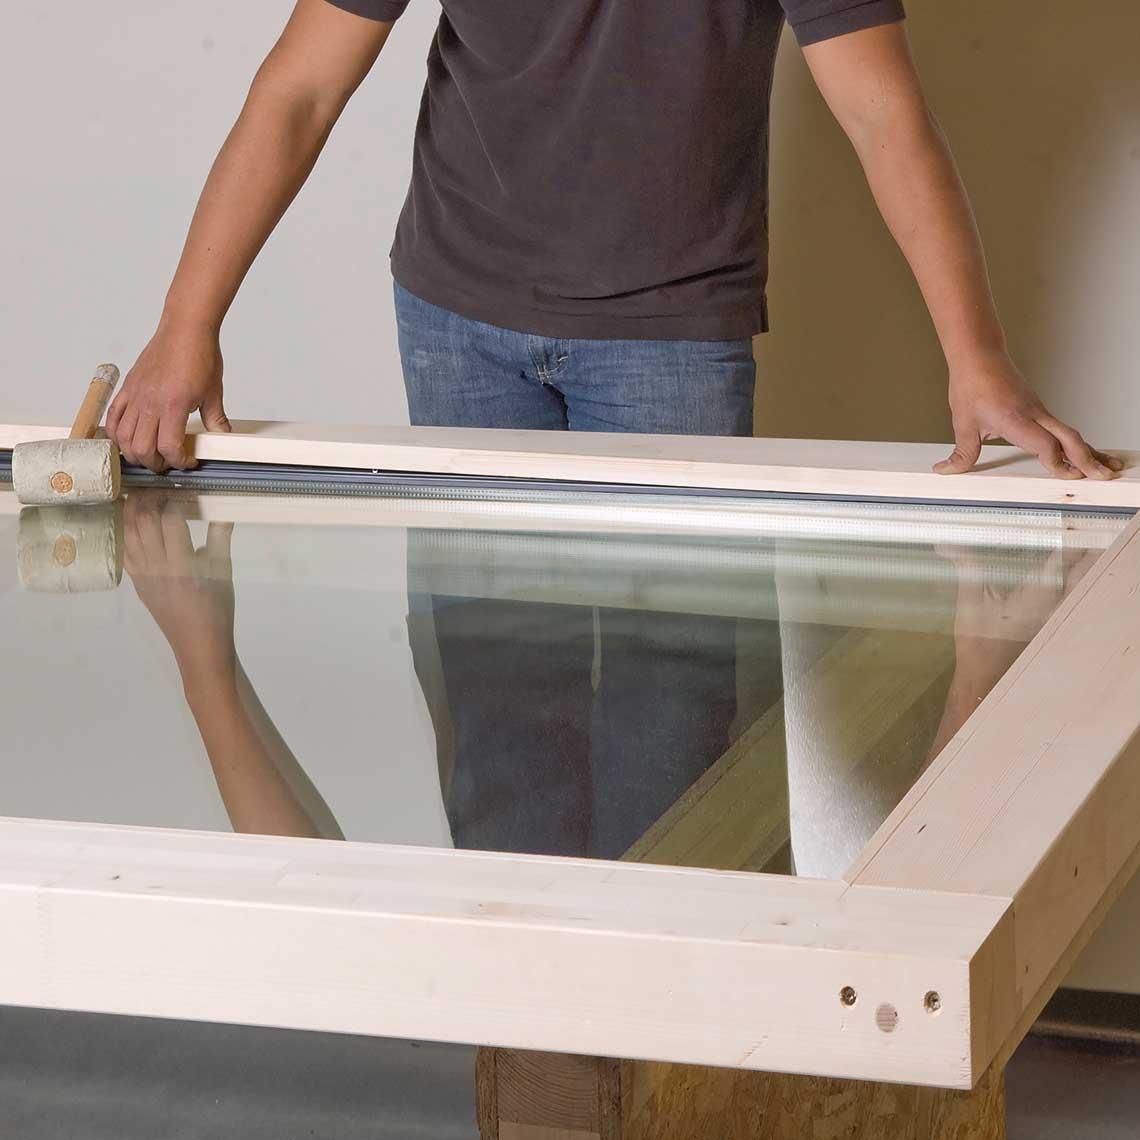 Fixclip profile for glazing